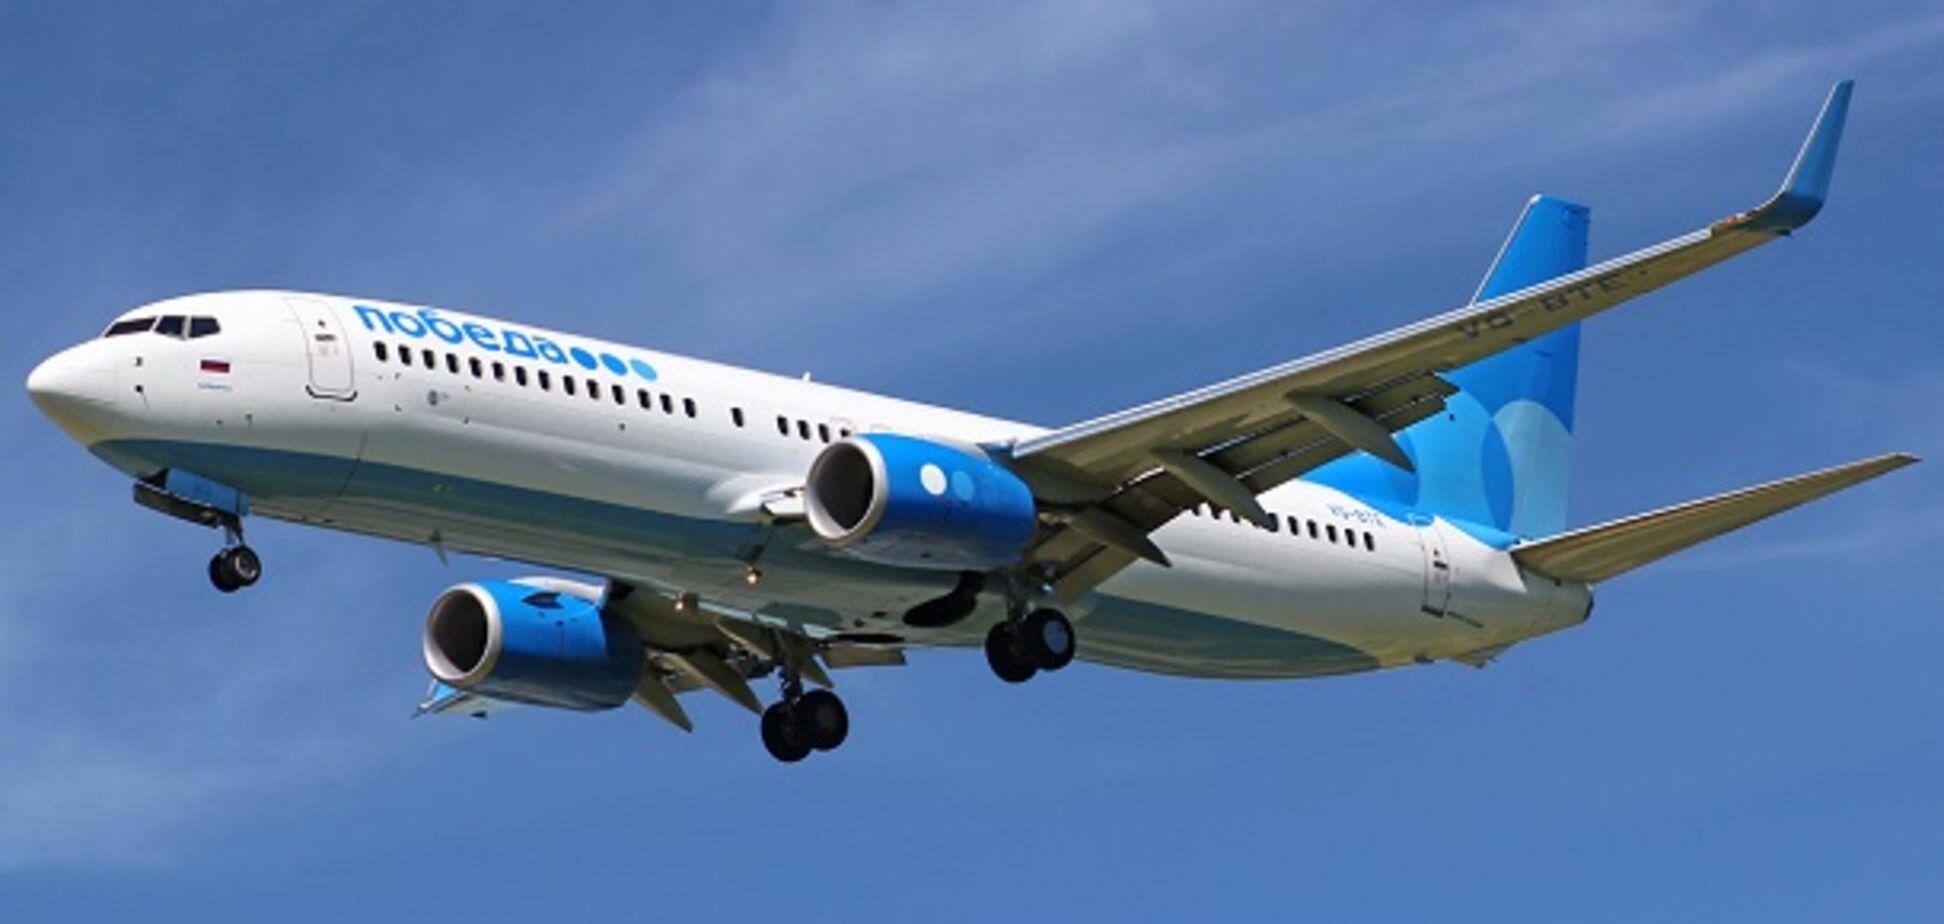 Избили из-за туалета: в России в самолете напали на польского дипломата